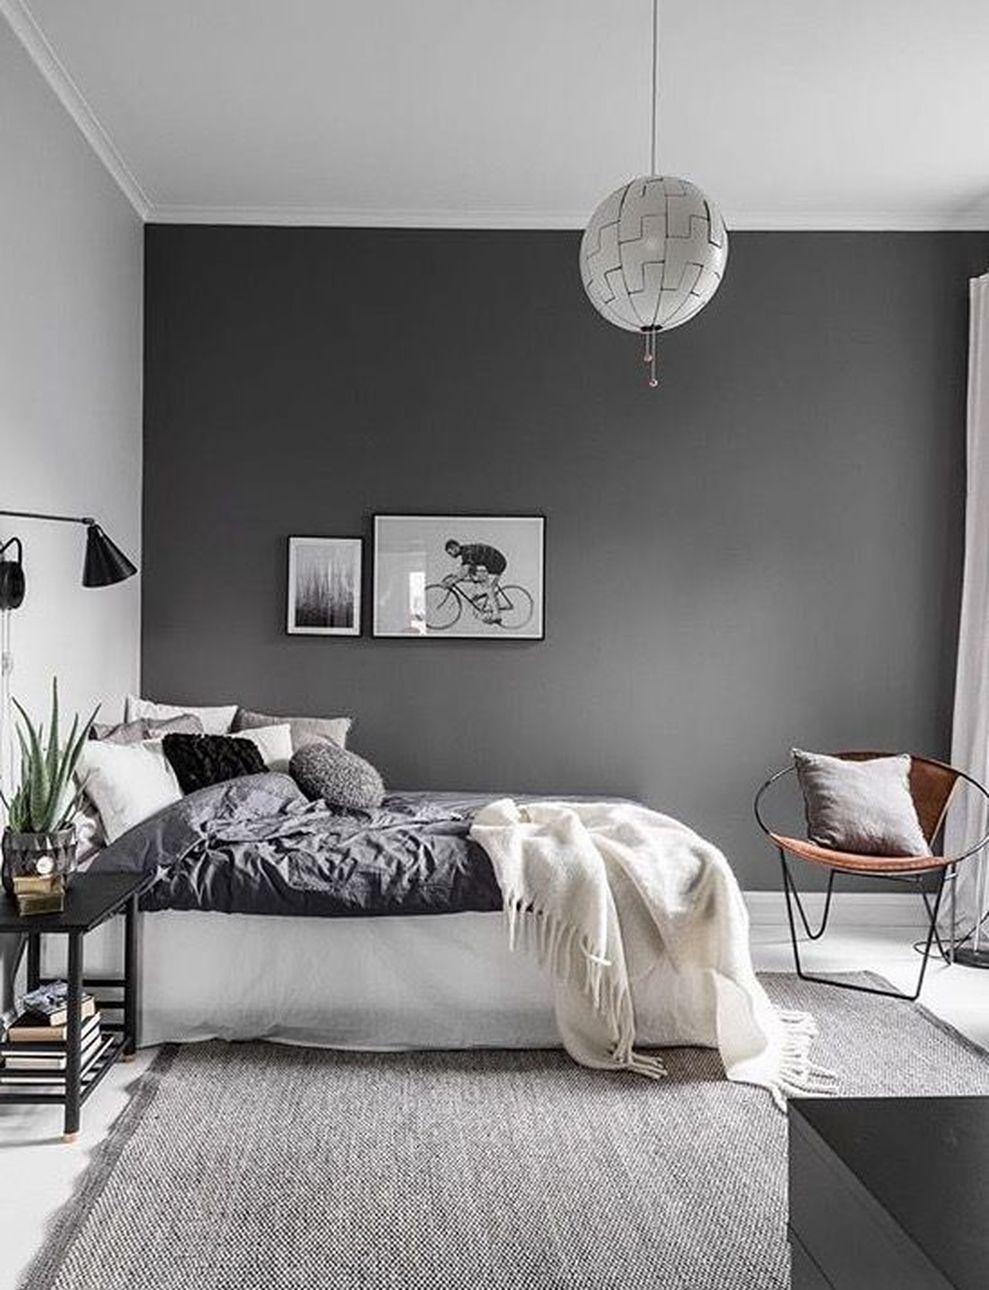 90 Beautiful Bedroom Design Ideas Using Grey Carpet Http Homecemoro Com 90 Beautiful Bedroom Home Decor Bedroom Bedroom Interior Scandinavian Design Bedroom